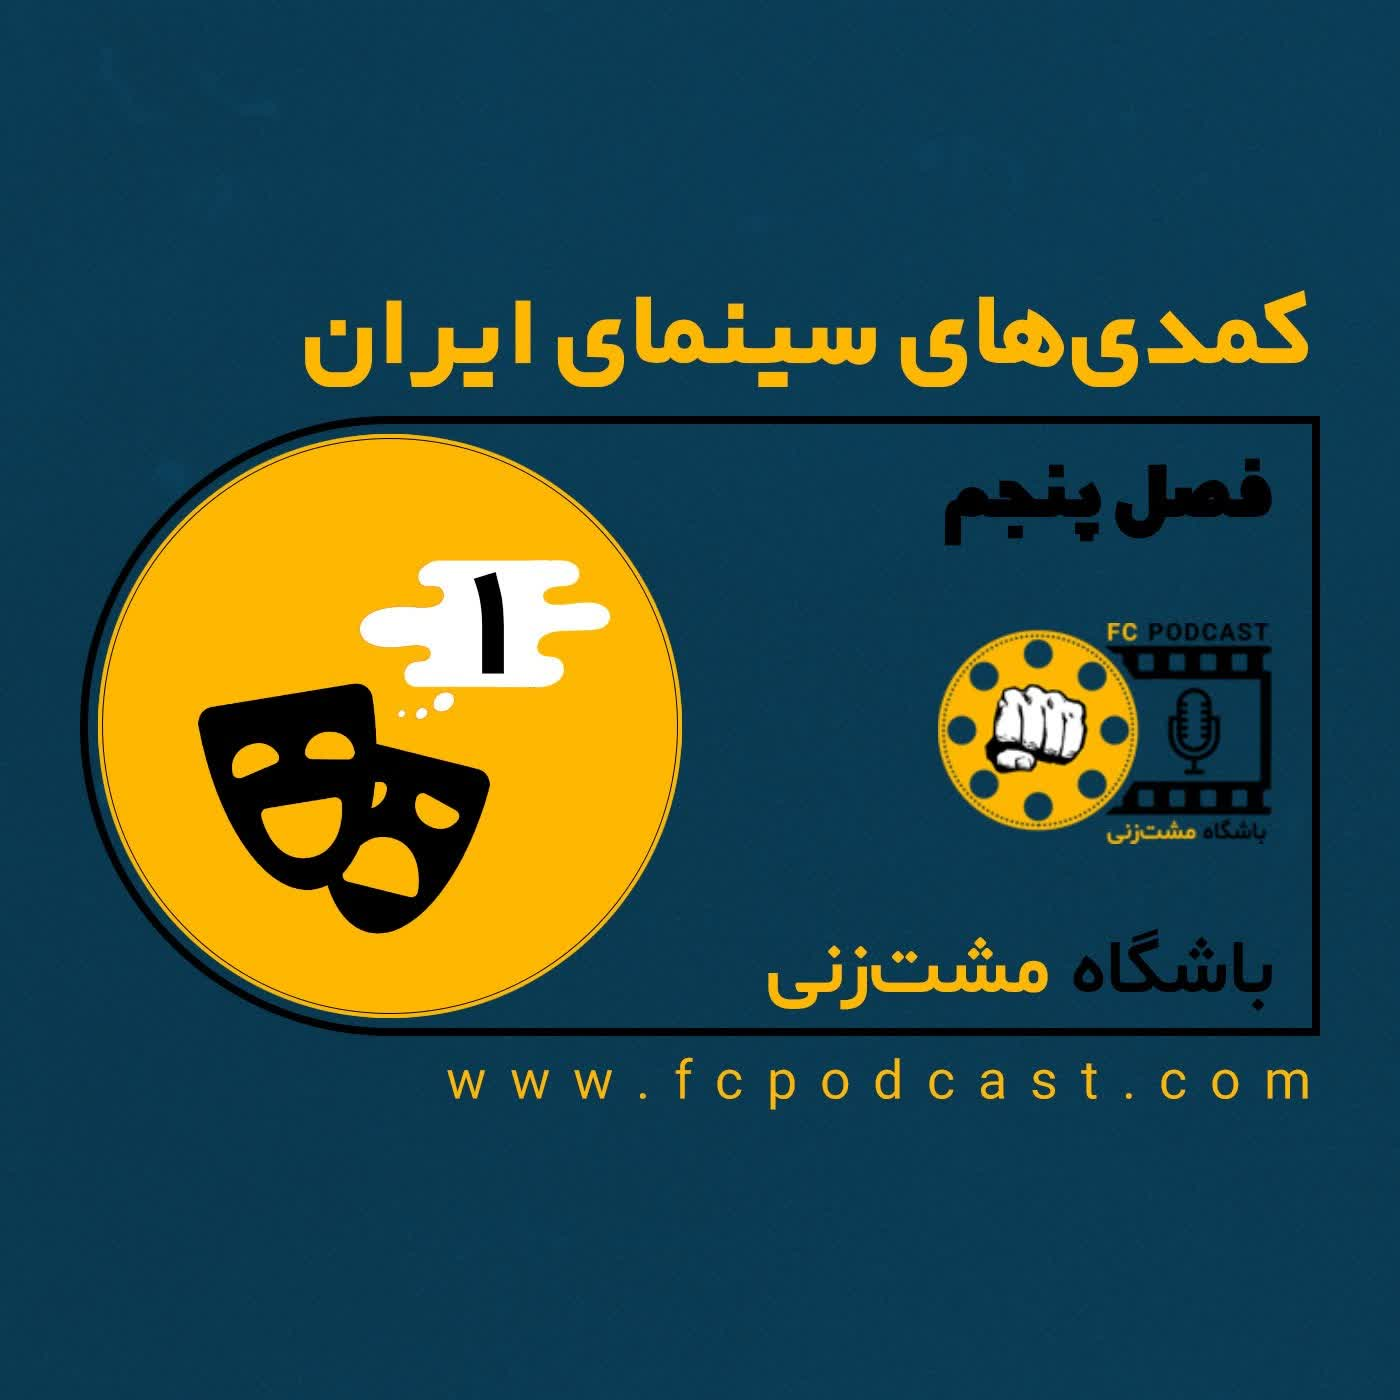 فصل پنجم (کمدی های سینمای ایران) - اپیزود اول